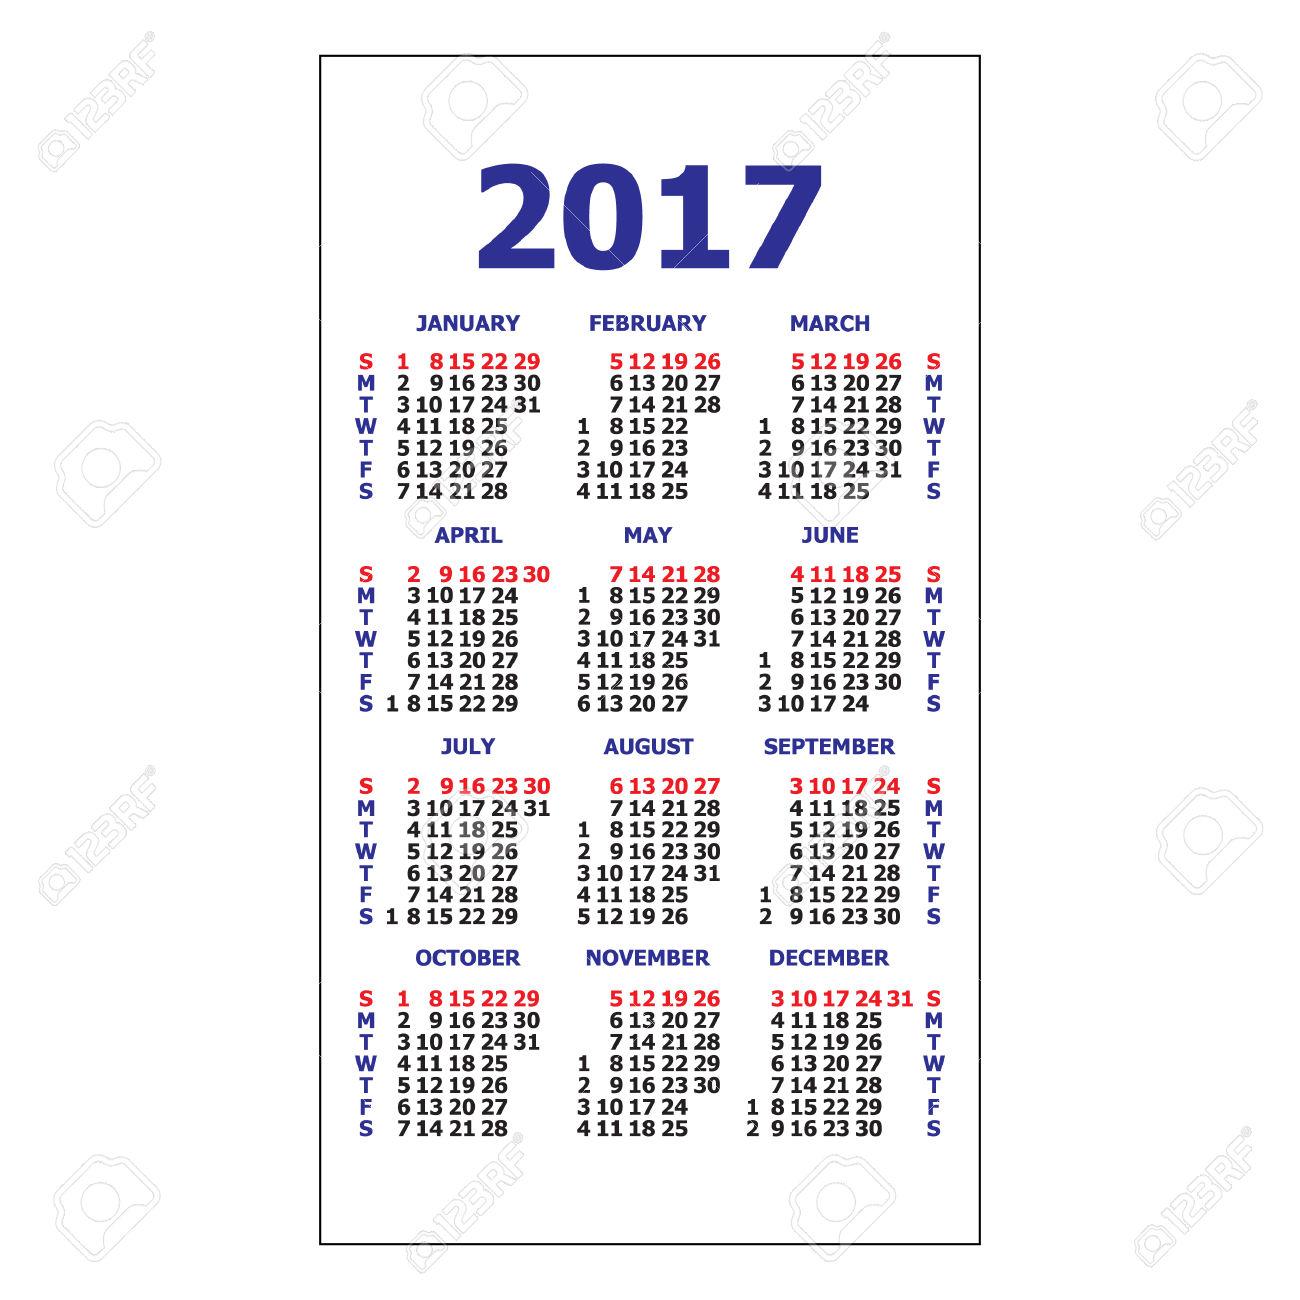 2017 Pocket Calendar. Template Calendar Grid. Vertical Orientation